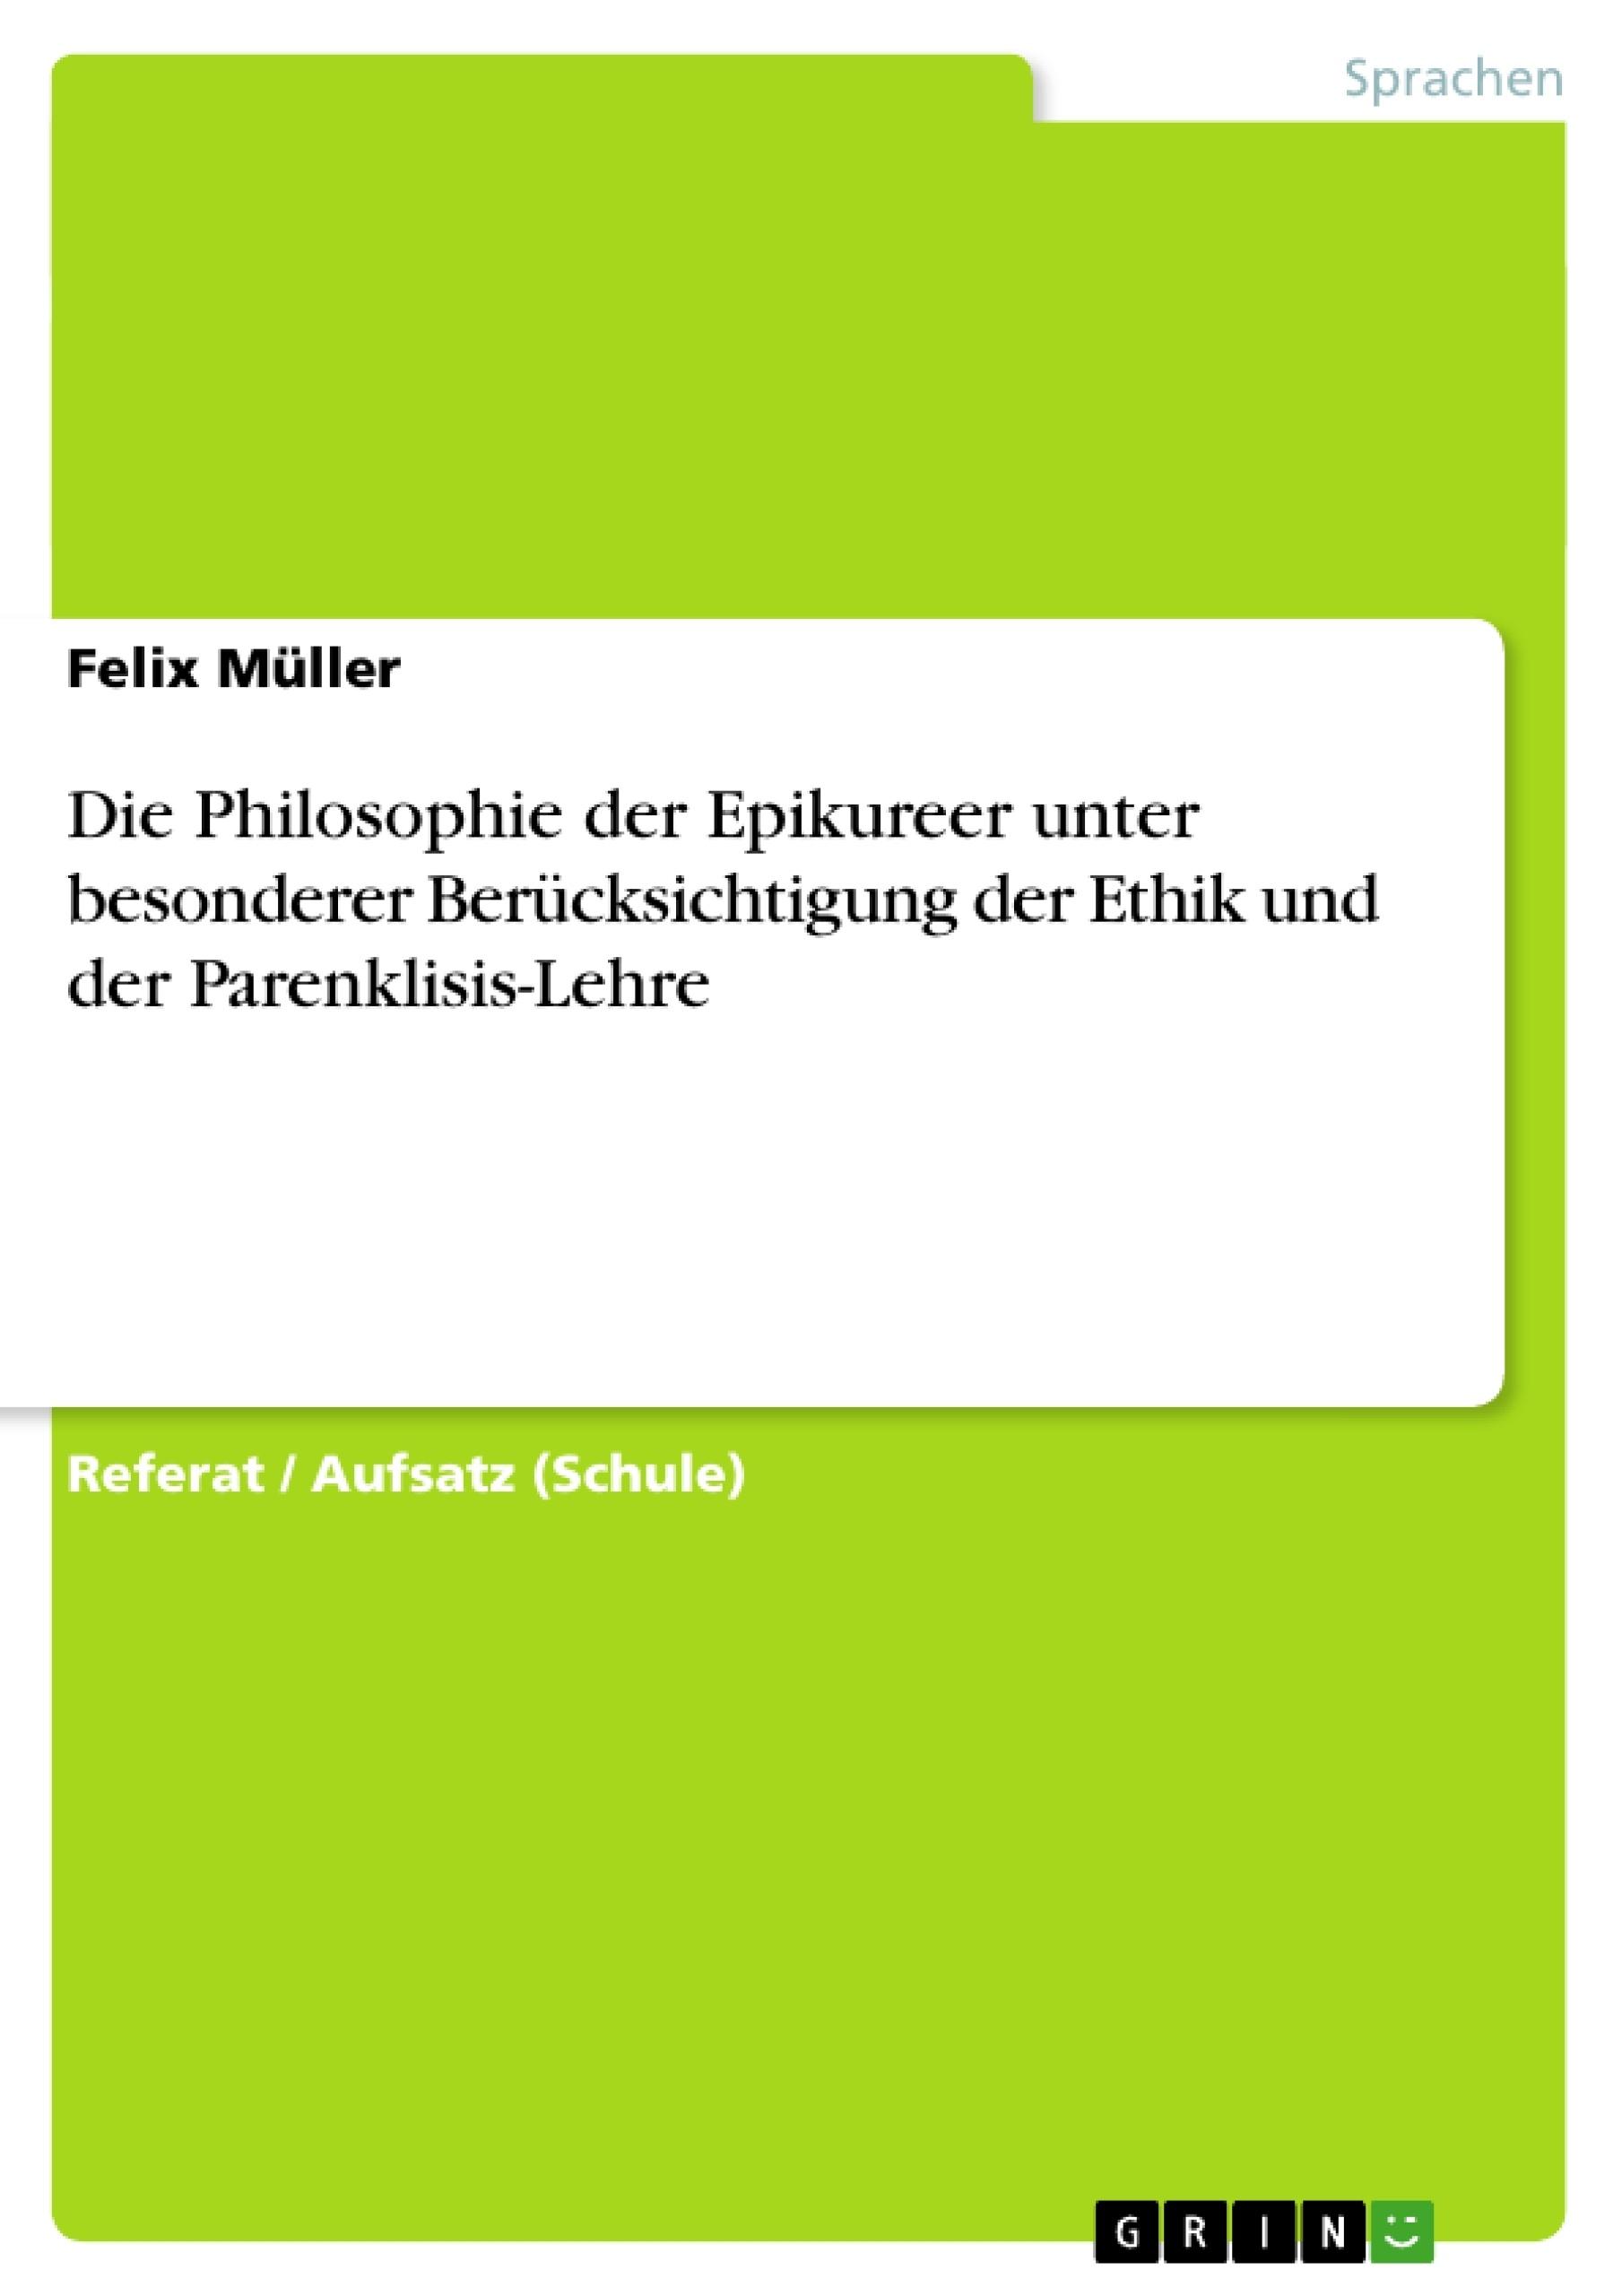 Titel: Die Philosophie der Epikureer unter besonderer Berücksichtigung der Ethik und der Parenklisis-Lehre